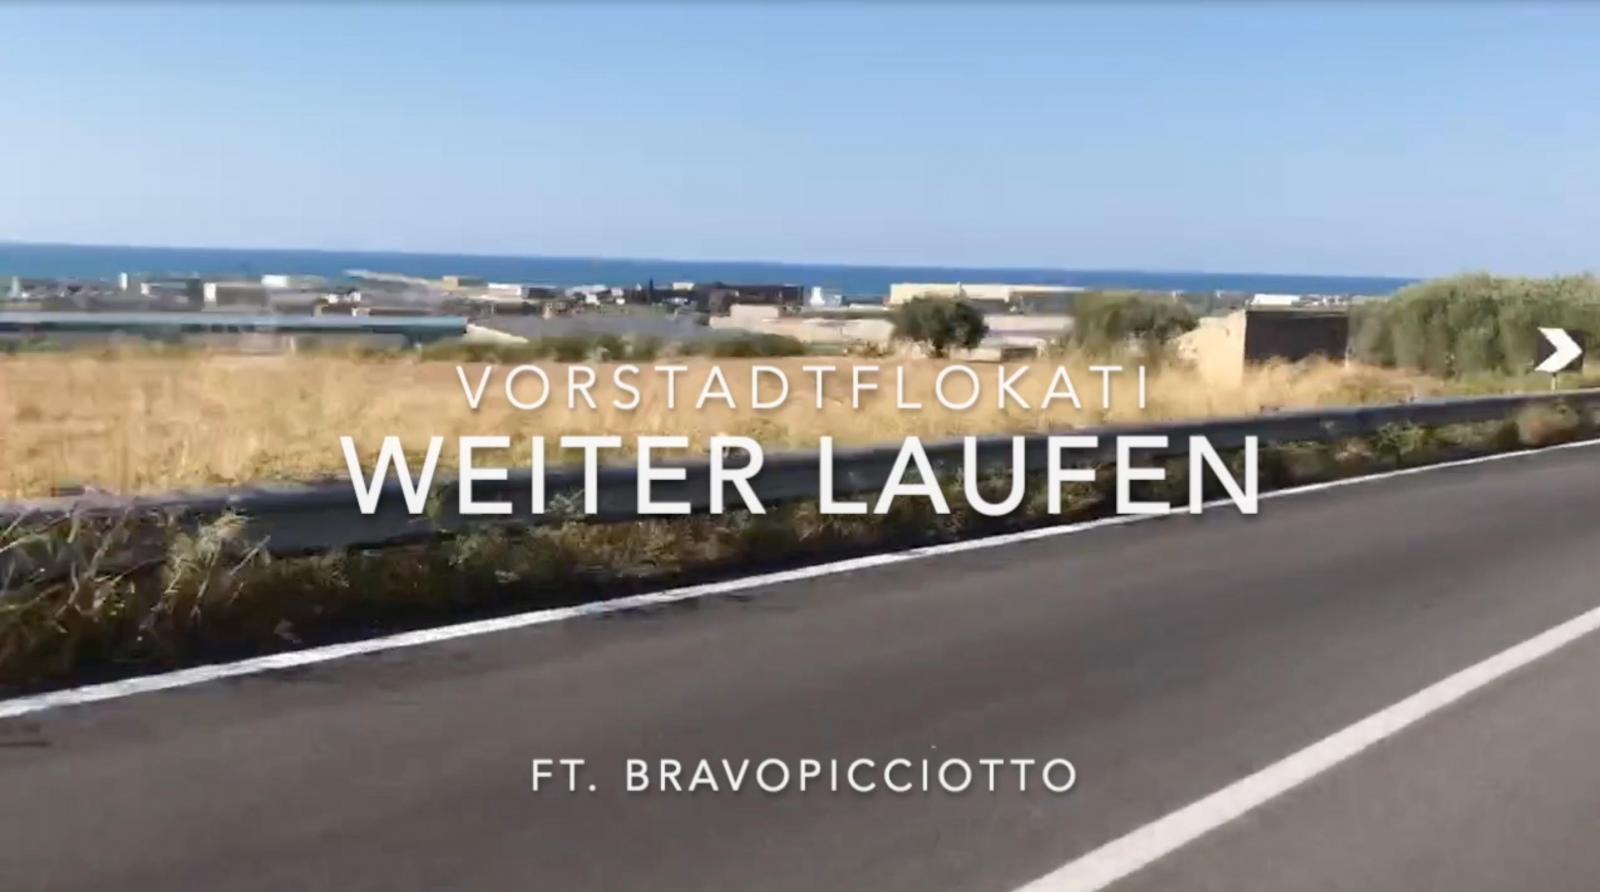 Upcoming: VORSTADTFLOKATI FT. BRAVOPICCIOTTO - WEITER LAUFEN